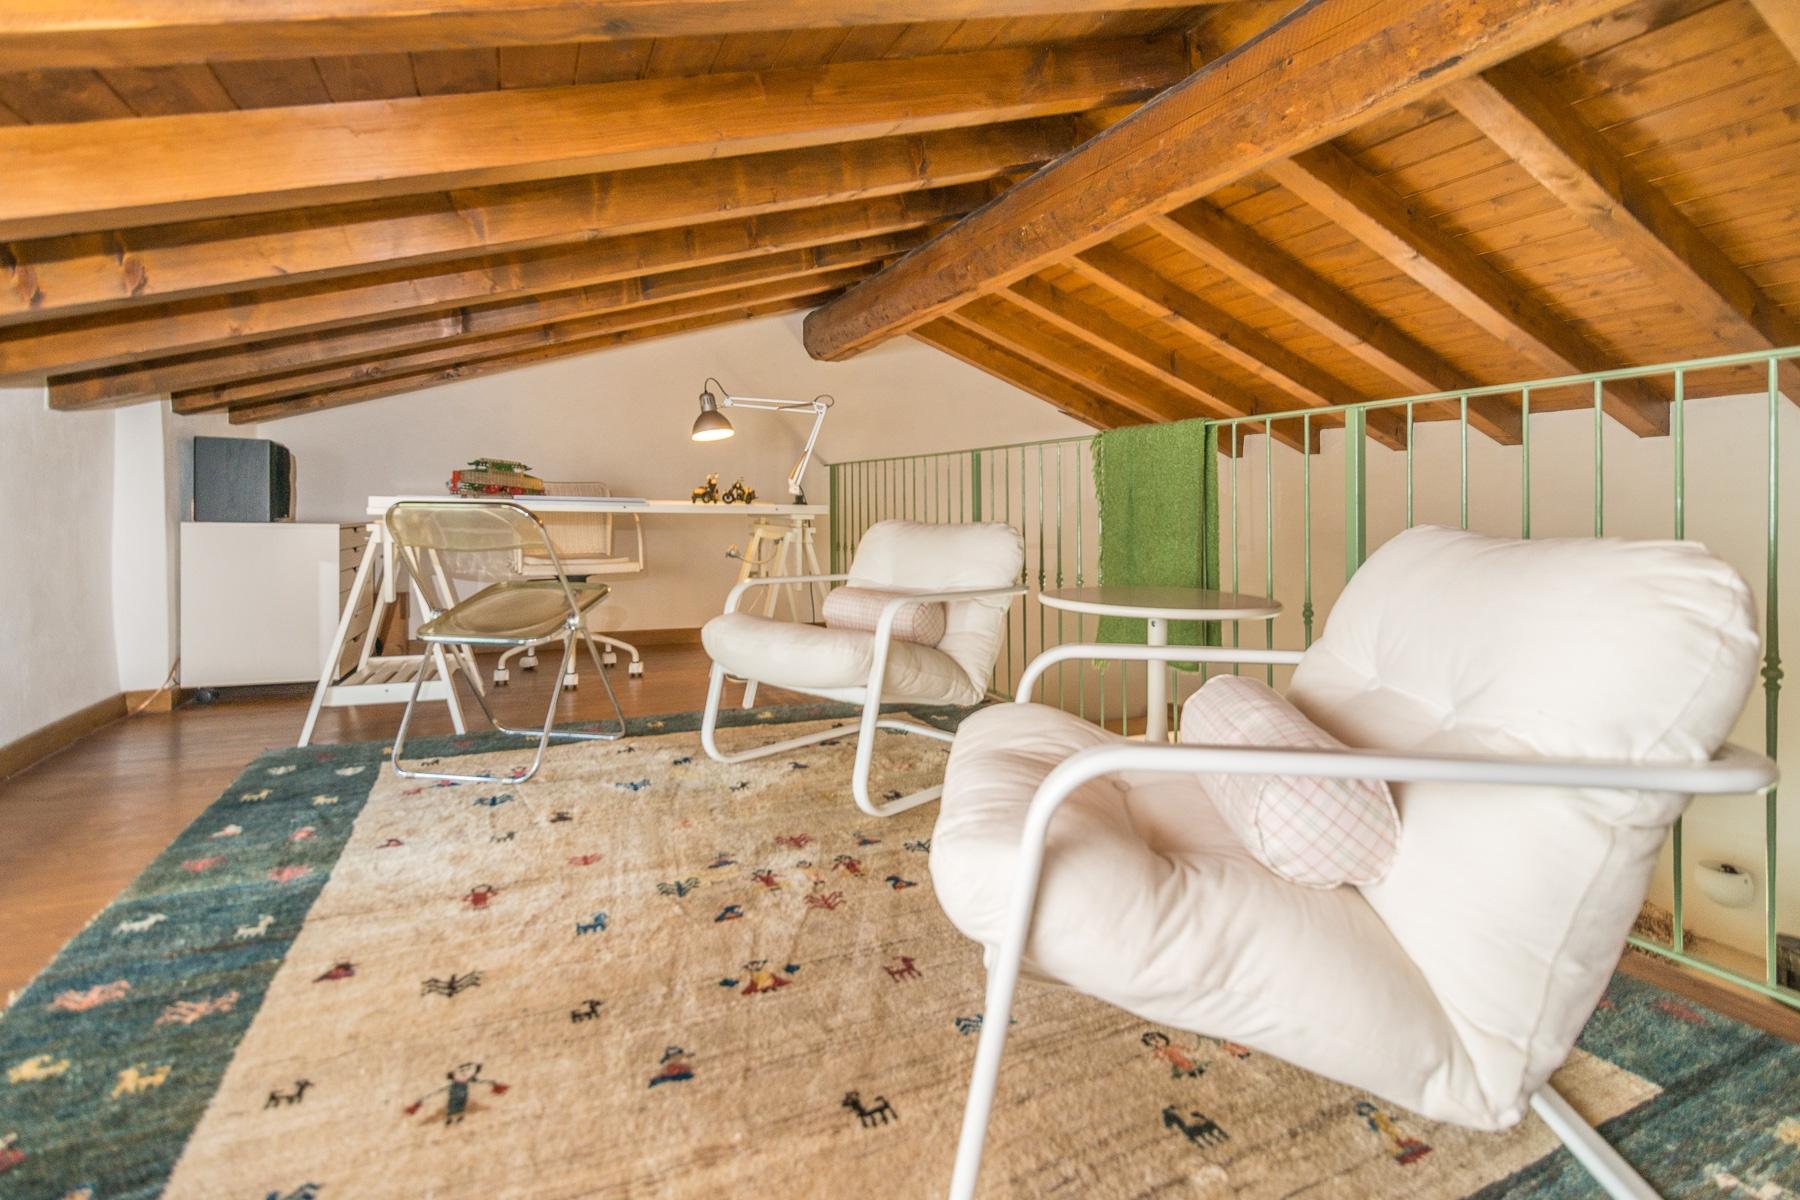 Casa indipendente in Vendita a Ziano Piacentino: 5 locali, 260 mq - Foto 26